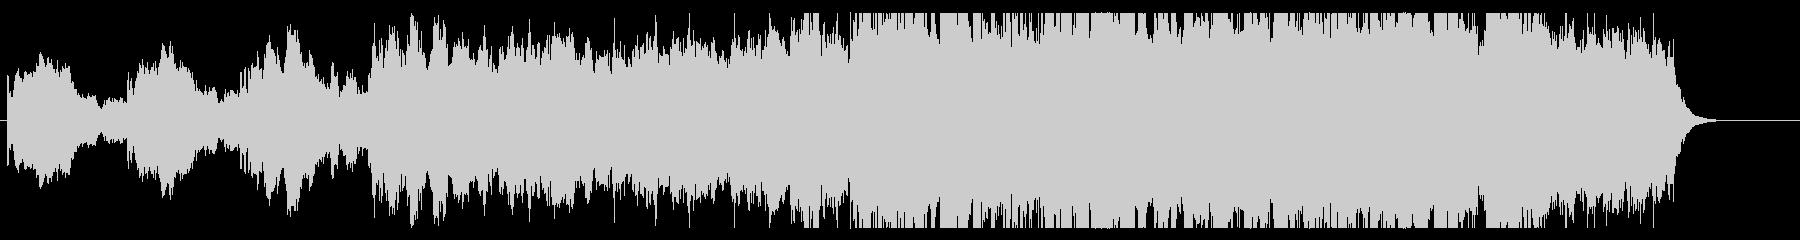 張り裂けそうな別れのBGMの未再生の波形